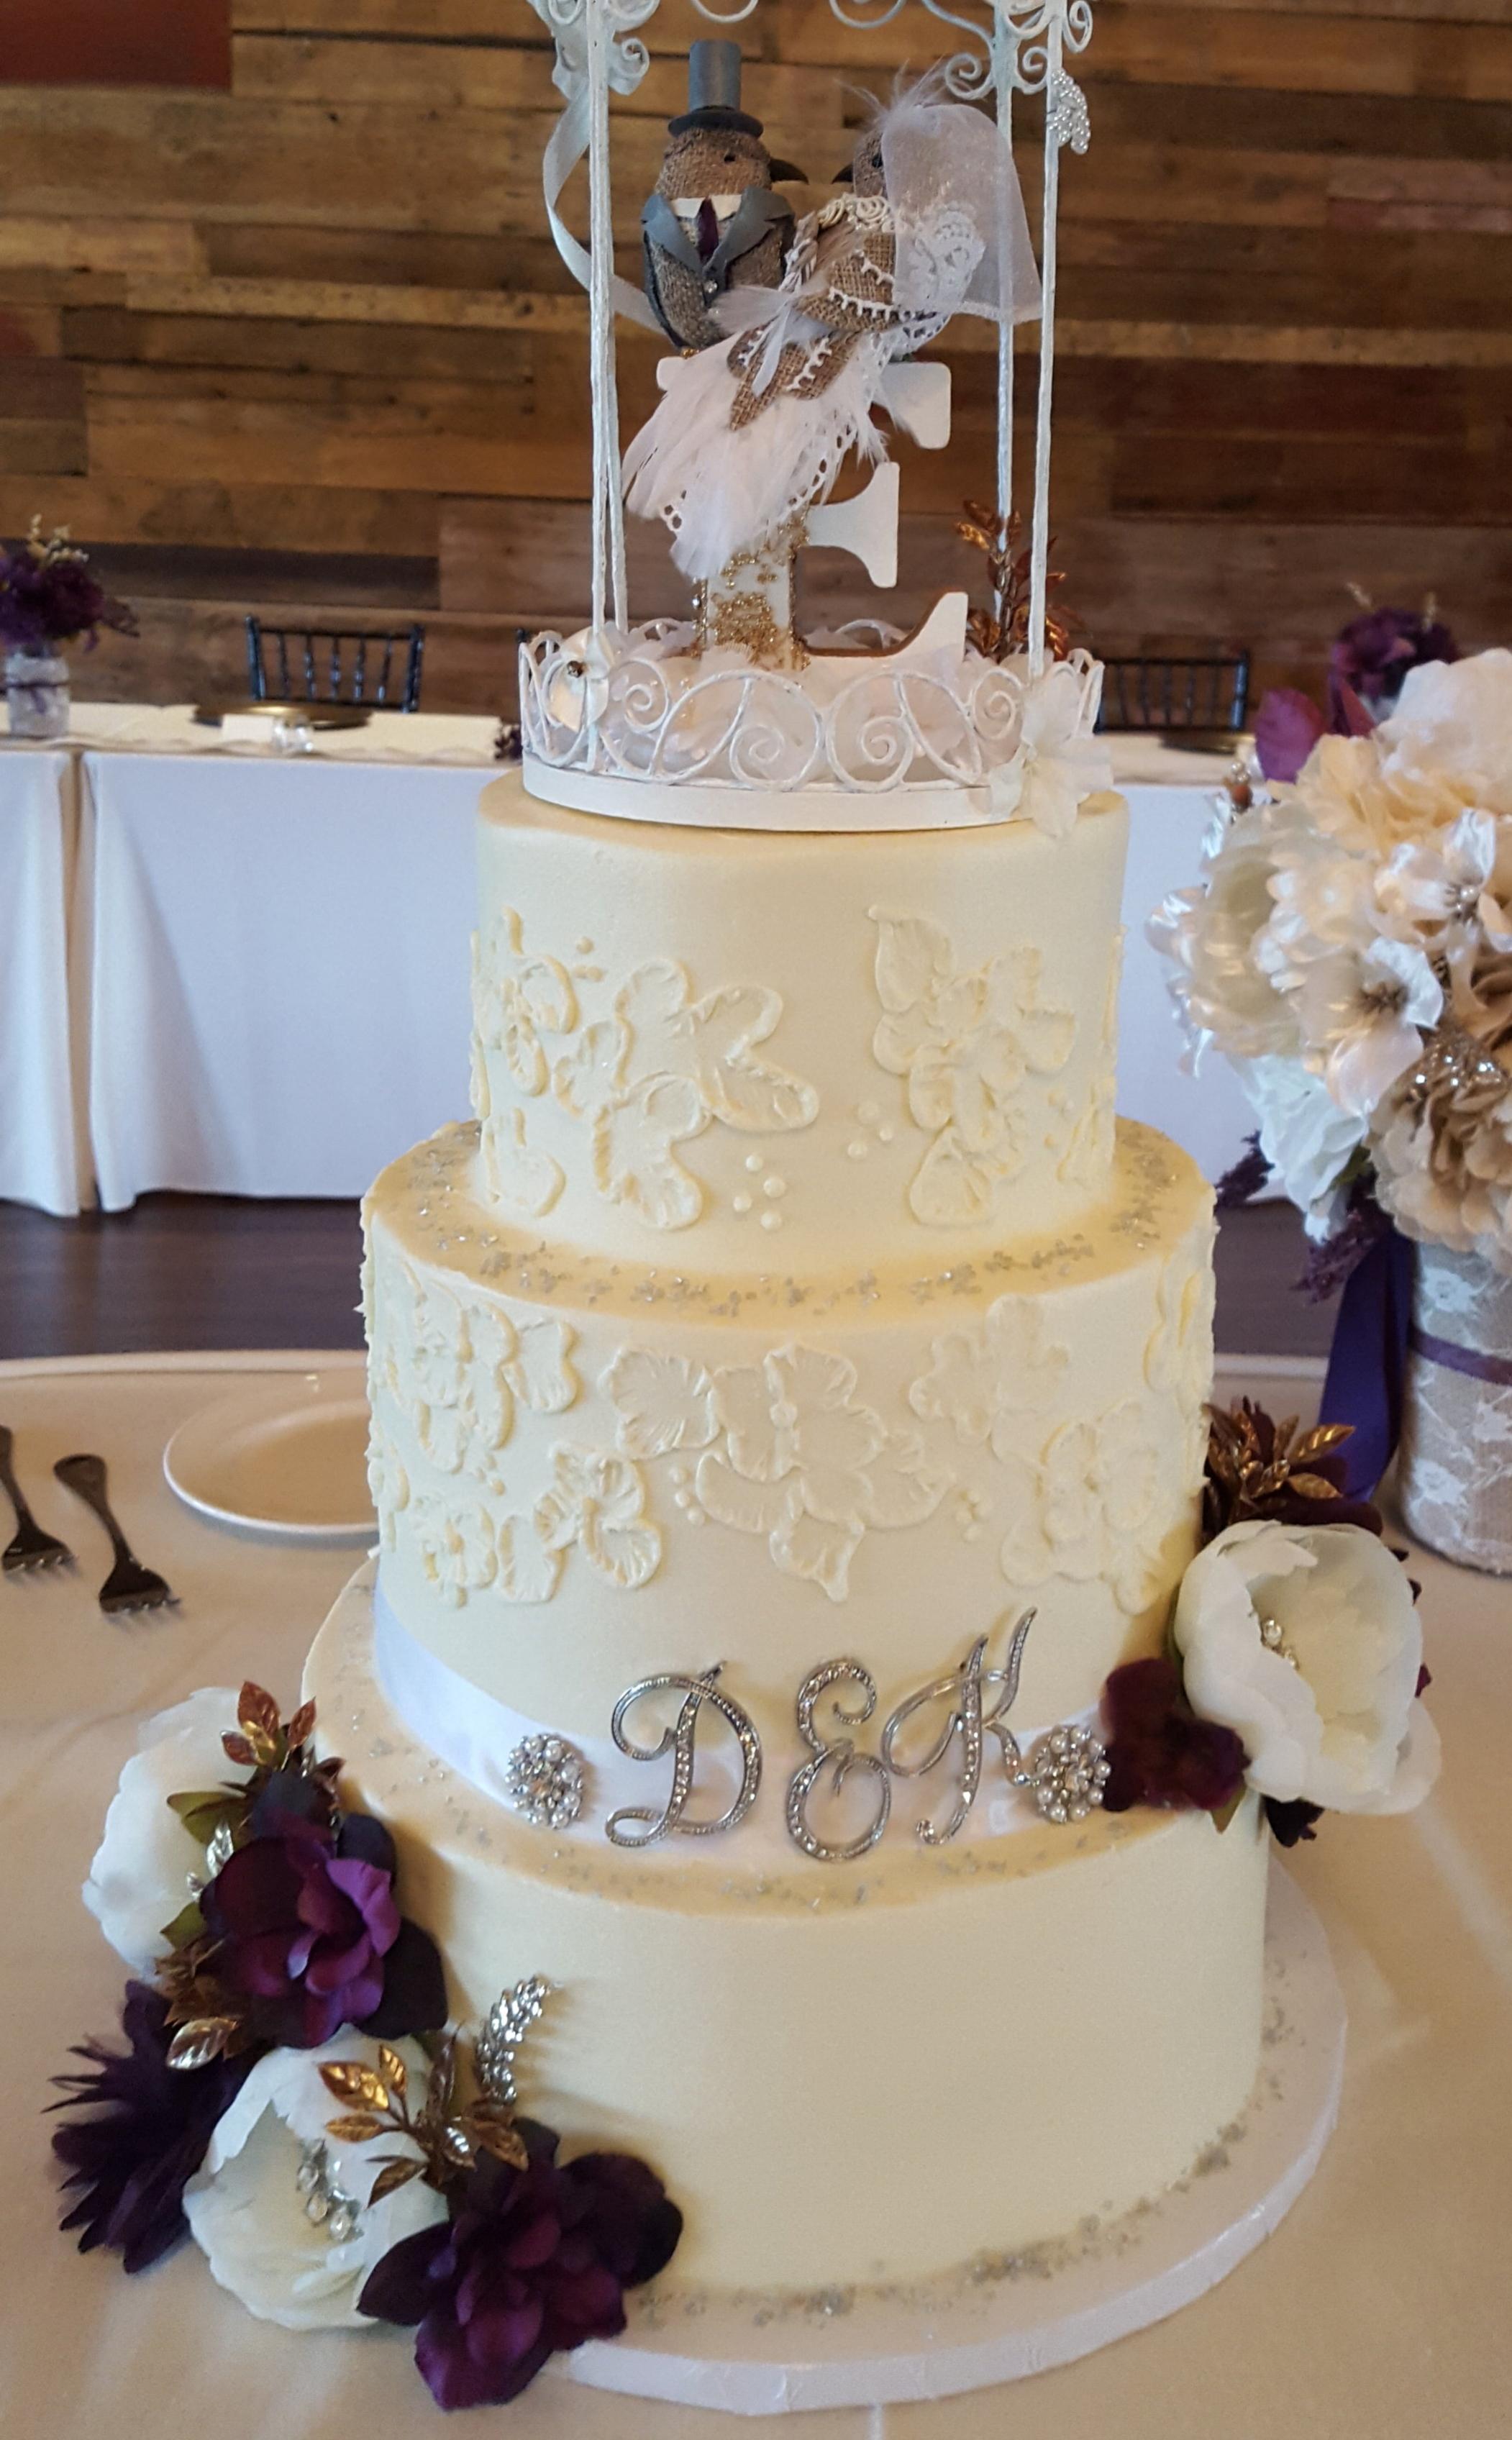 Floral patterned Cake